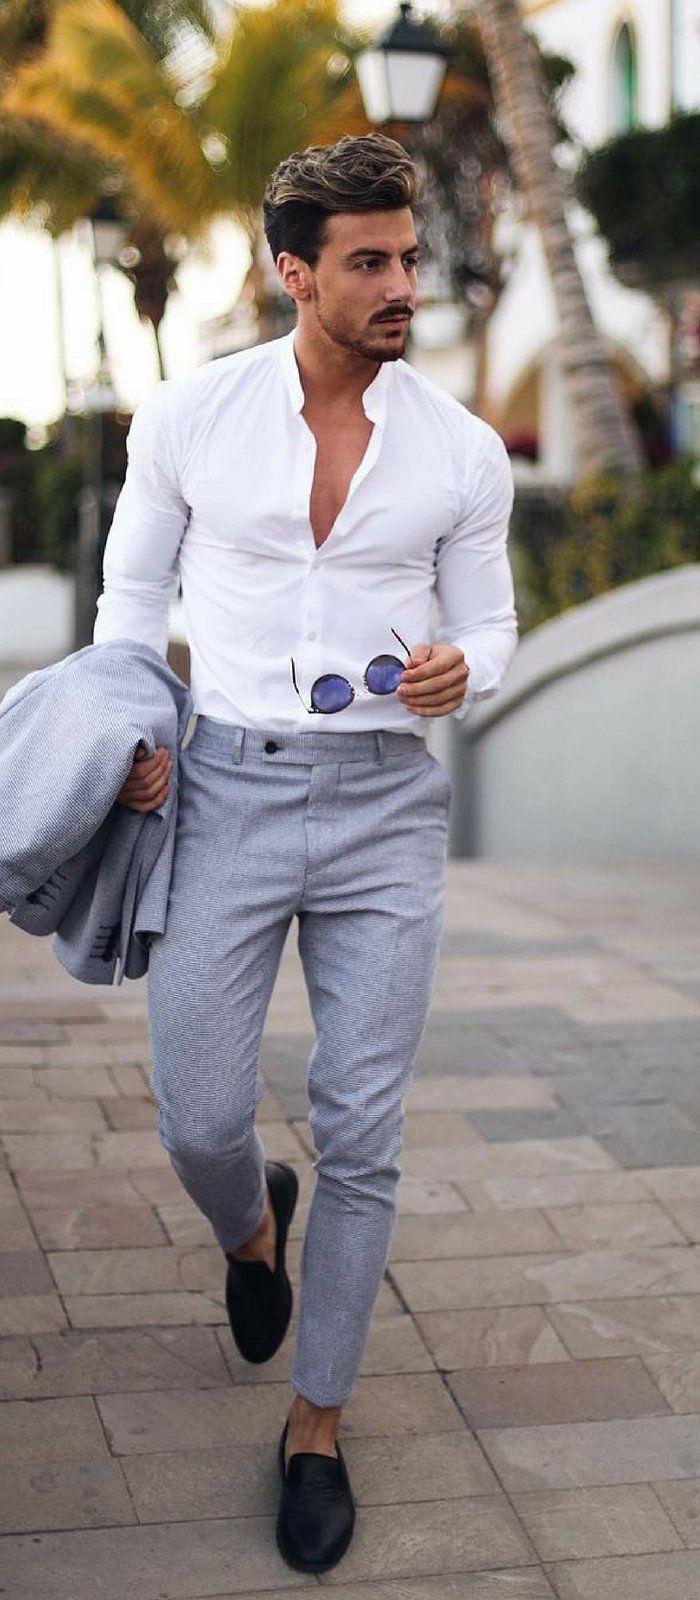 Pin di Silvana Gaudi su Moda uomo | Abiti uomo, Moda uomo e